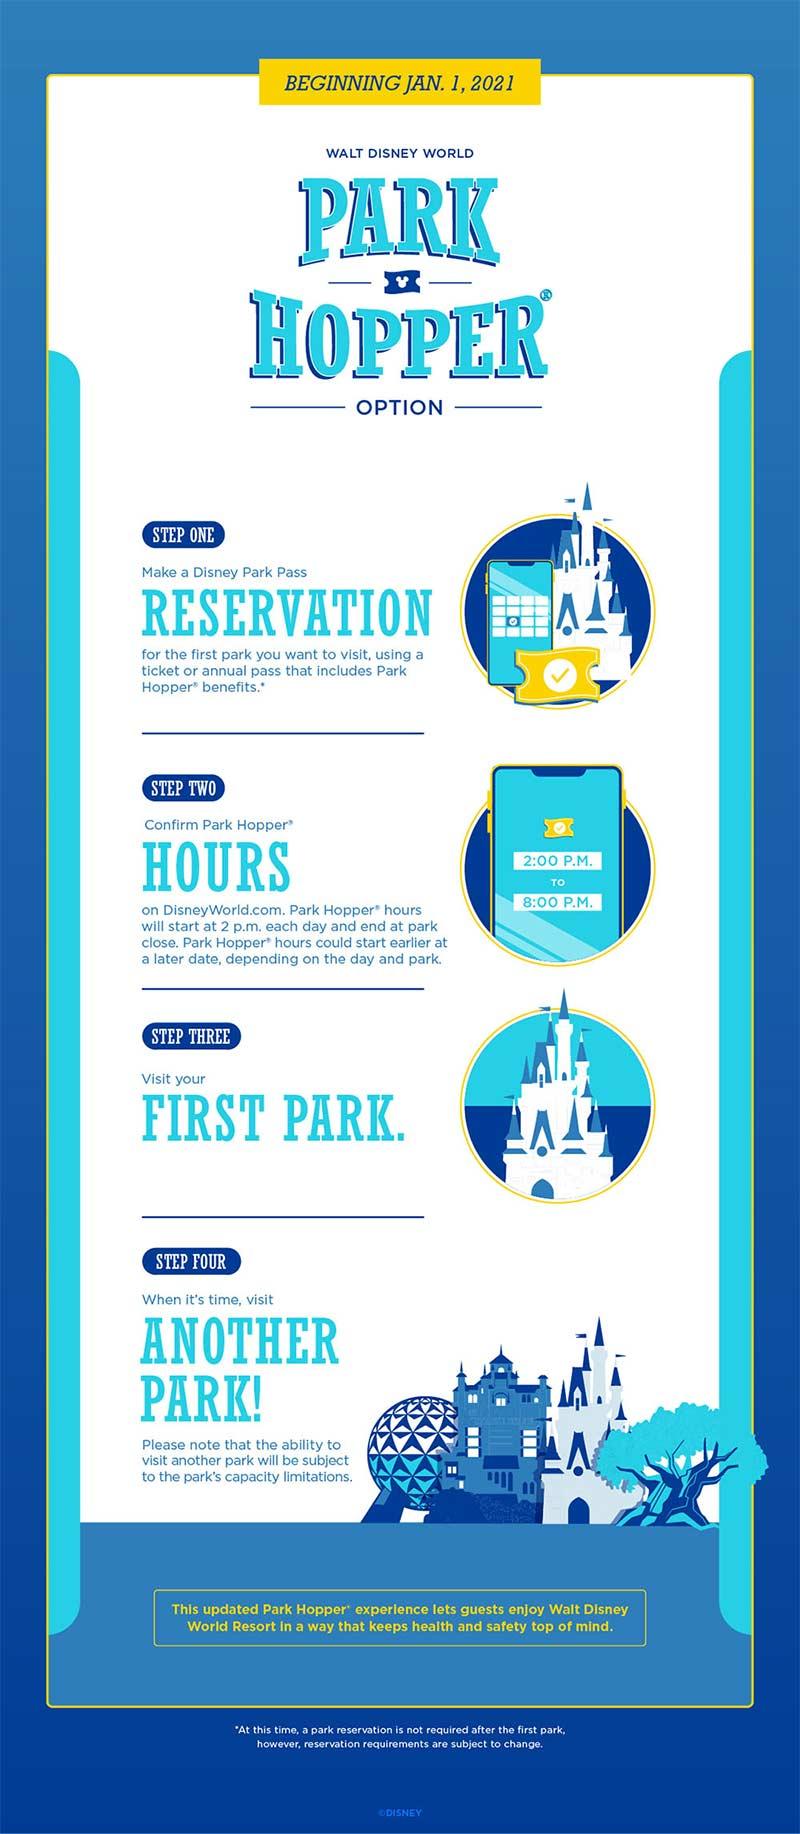 Park Hopper retorna aos parques da Disney em janeiro de 2021